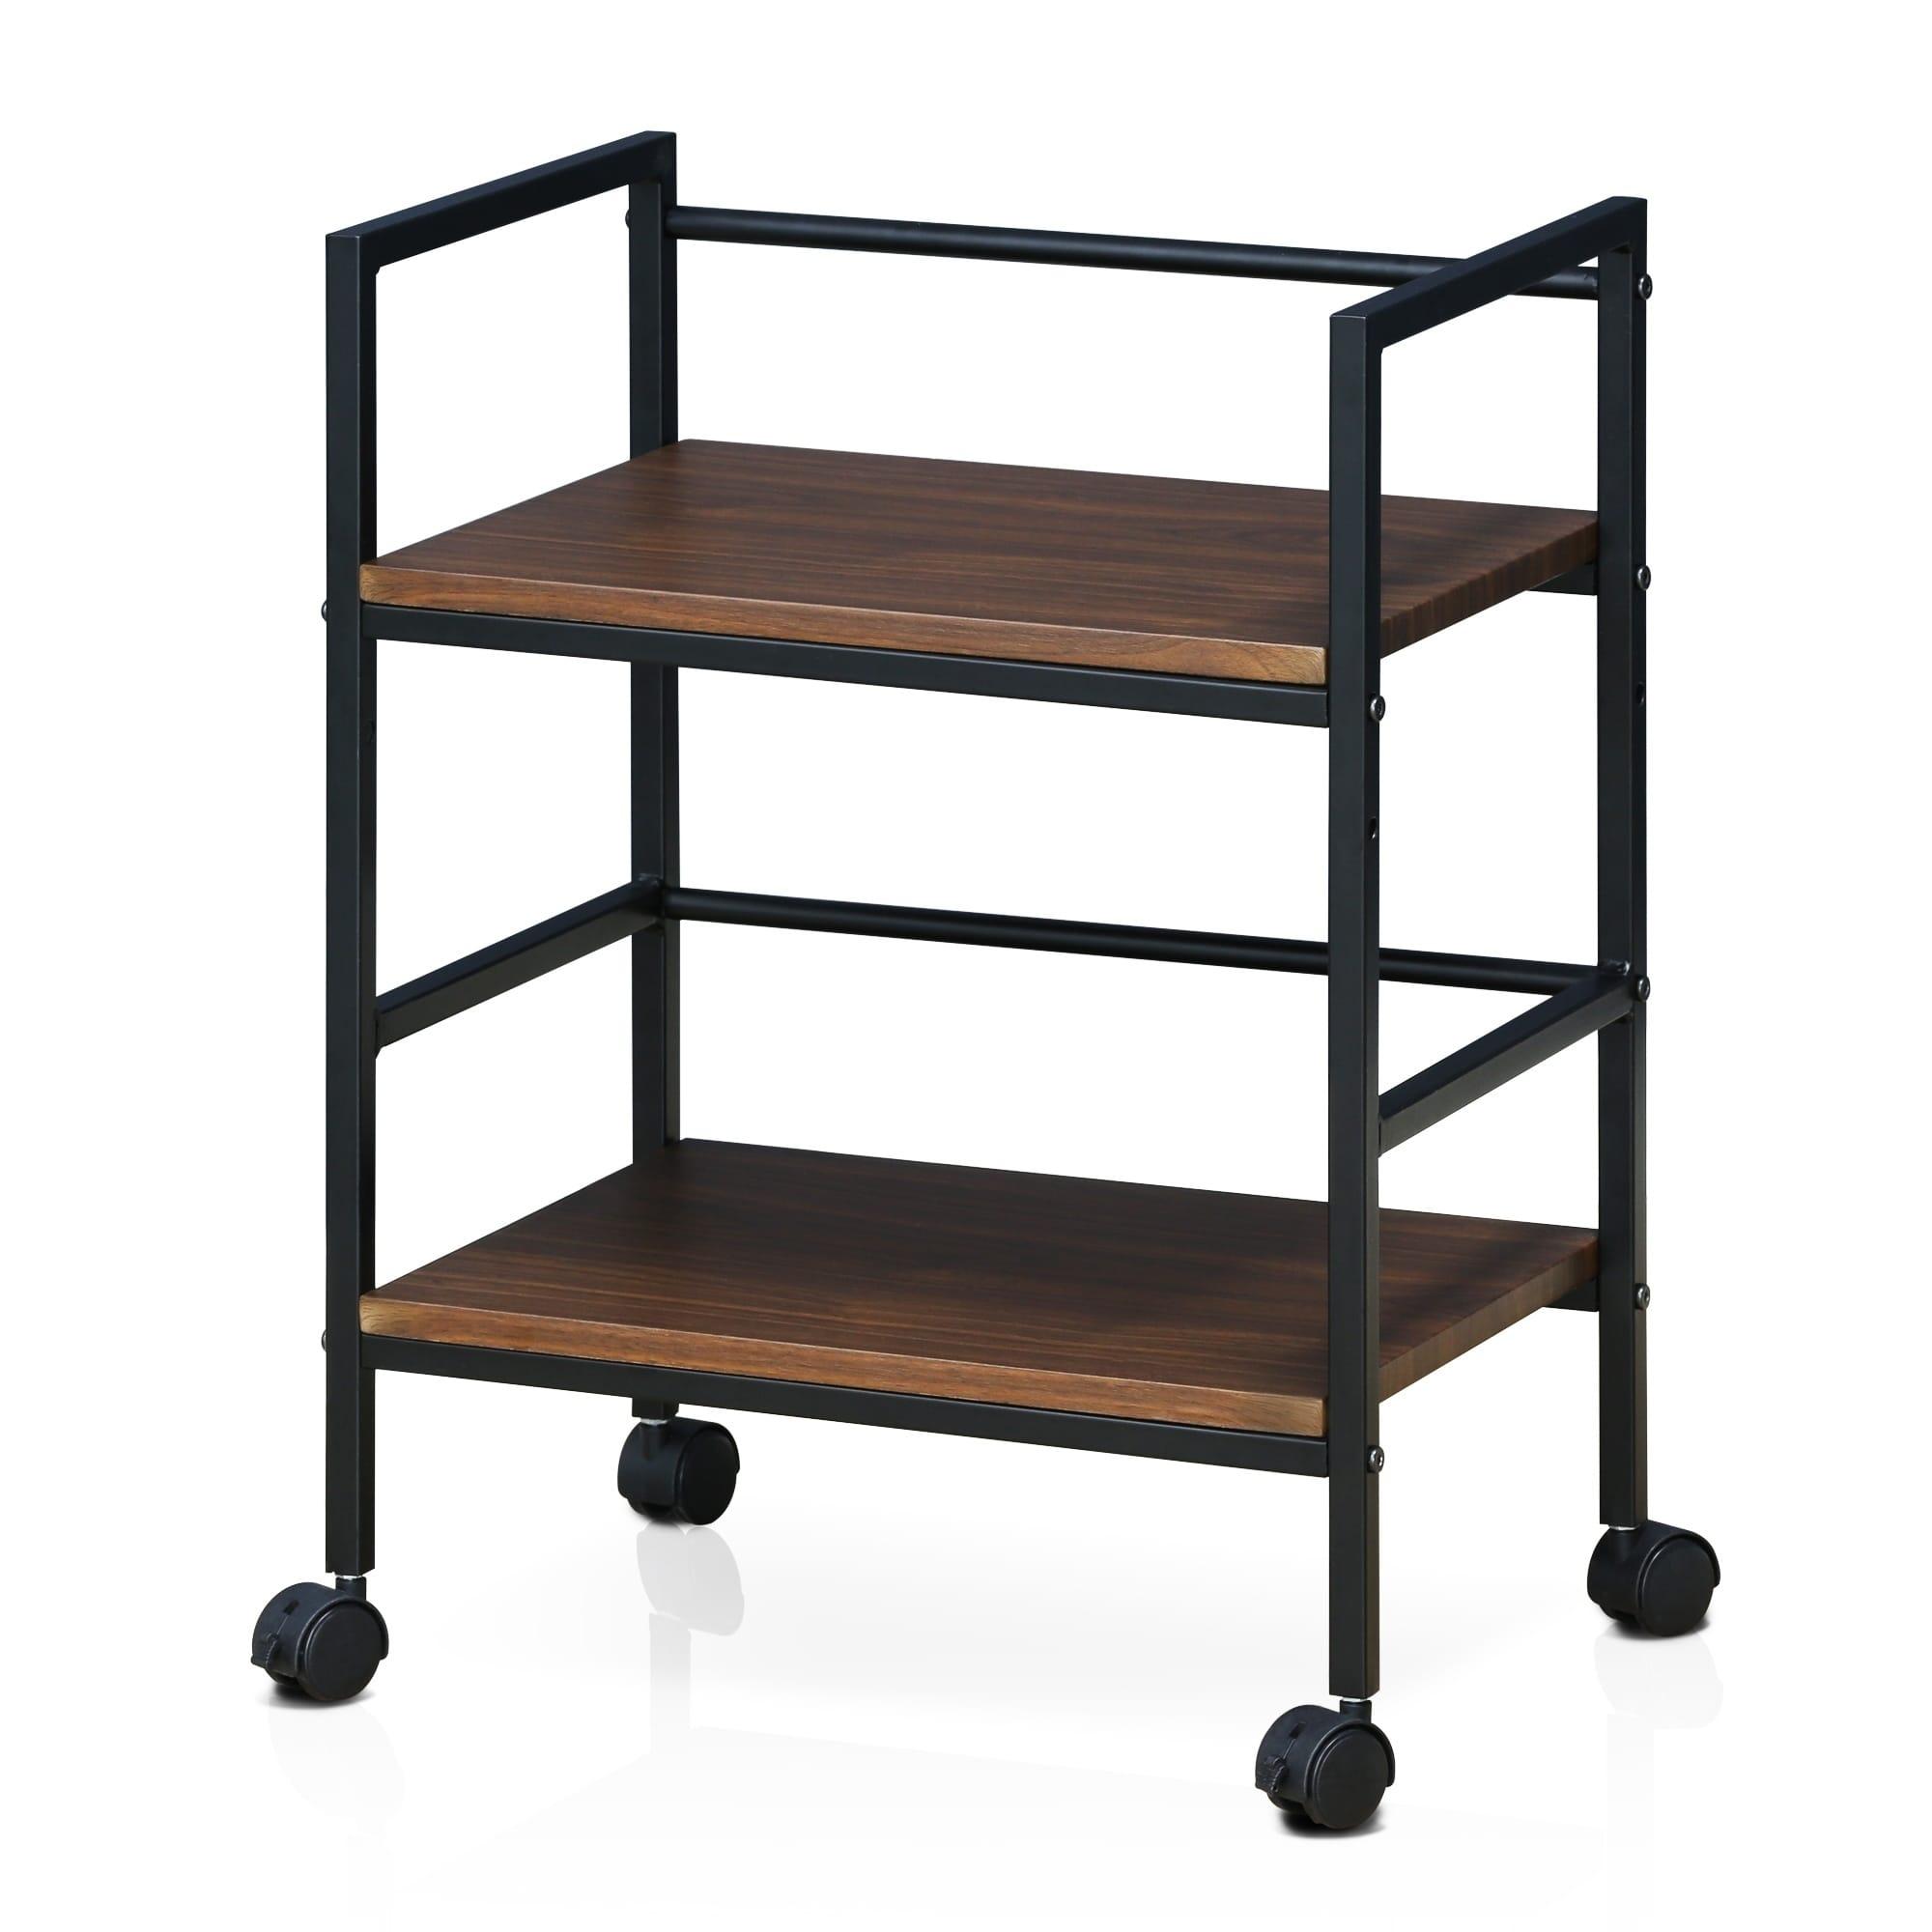 clay alder home gold brook modern storage cart with casters dark rh pinterest com